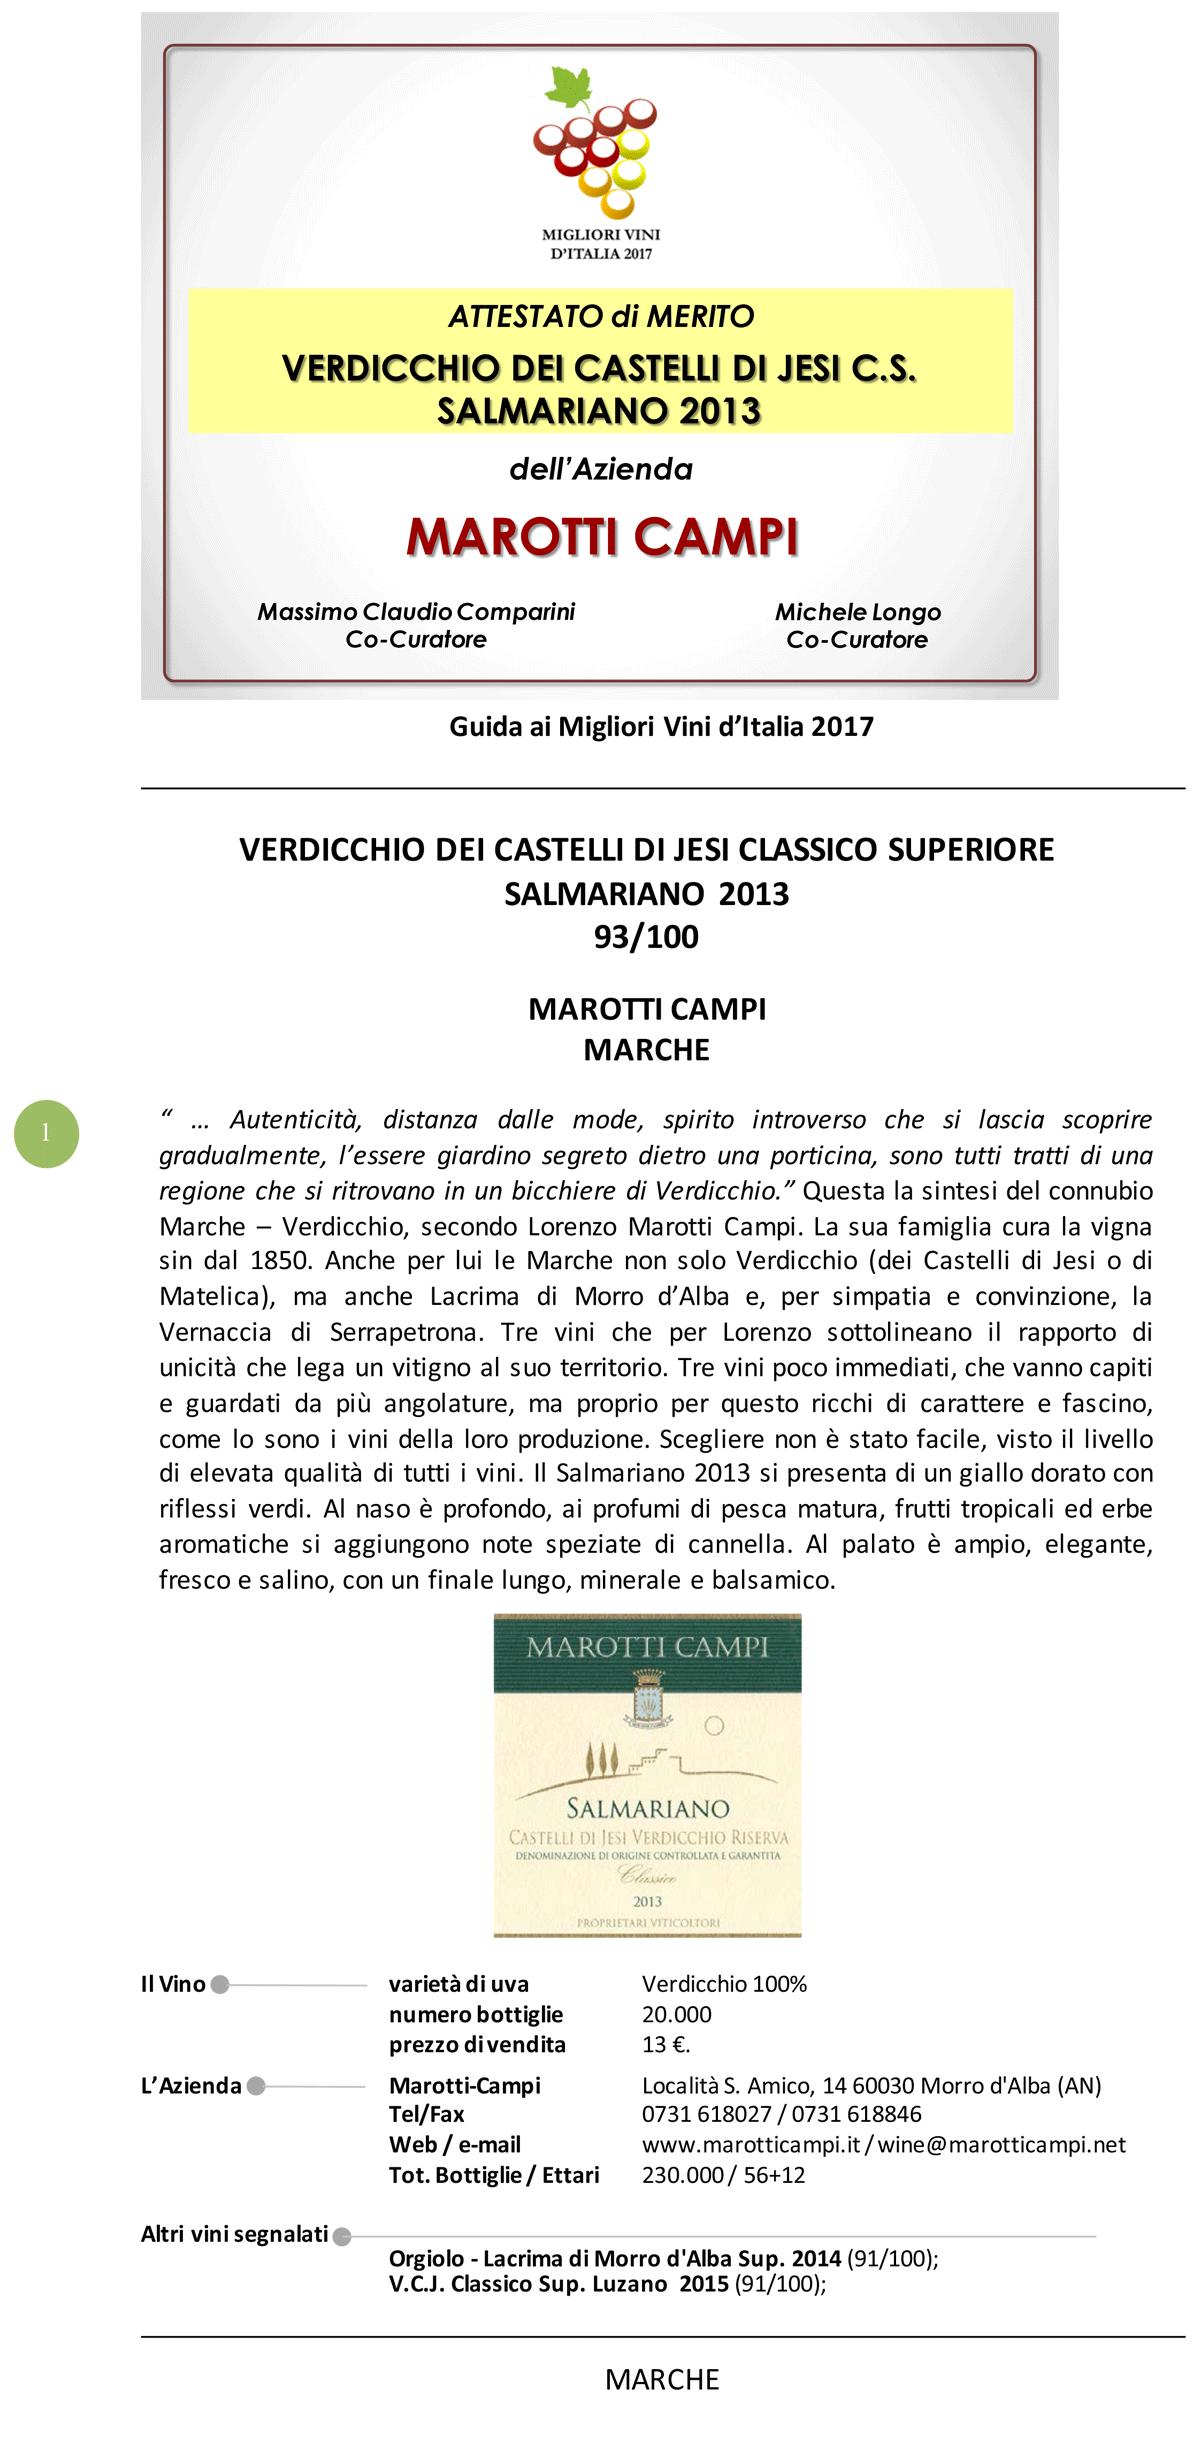 Lacrima e Verdicchio Marotti Campi guida migliori vini d'Italia